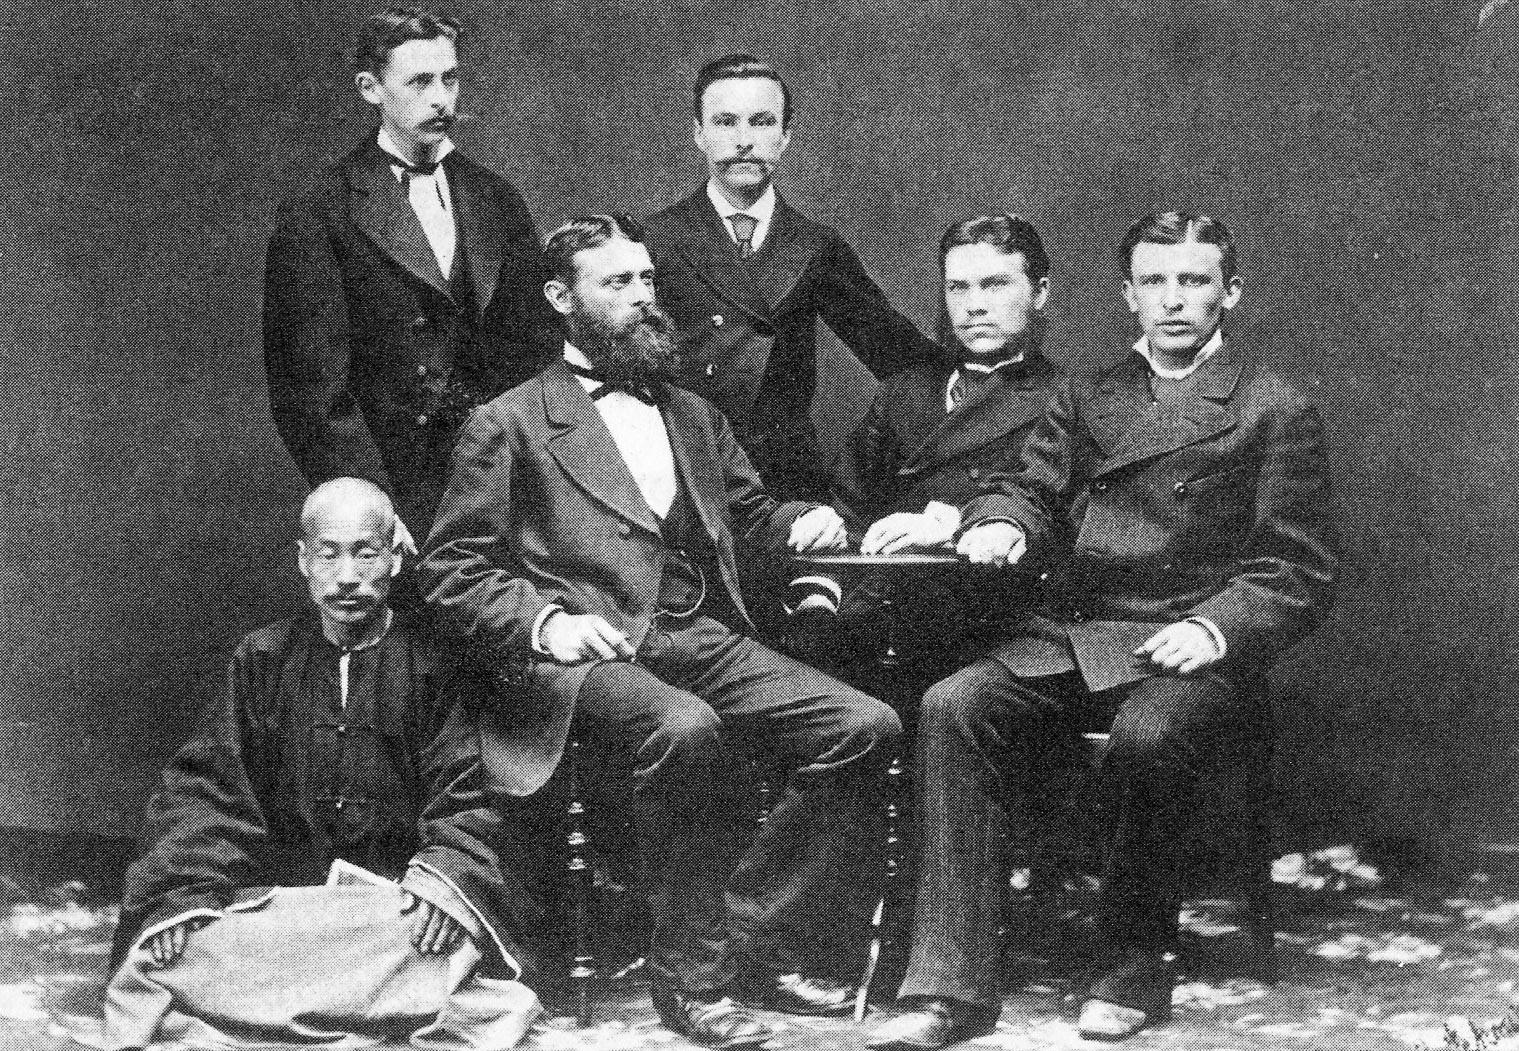 En 1980. De gauche à droite à table: Gustav Albers, Gustav Kunst, Adolph Dattan. Derrière eux: deux collaborateurs ayant joué un rôle important dans les débuts de l'entreprise: le Danois Anton Nielsen (à gauche) et M. Dmitriev (à droite). En bas: le manager des employés chinois Tchi-mo-Tchen.